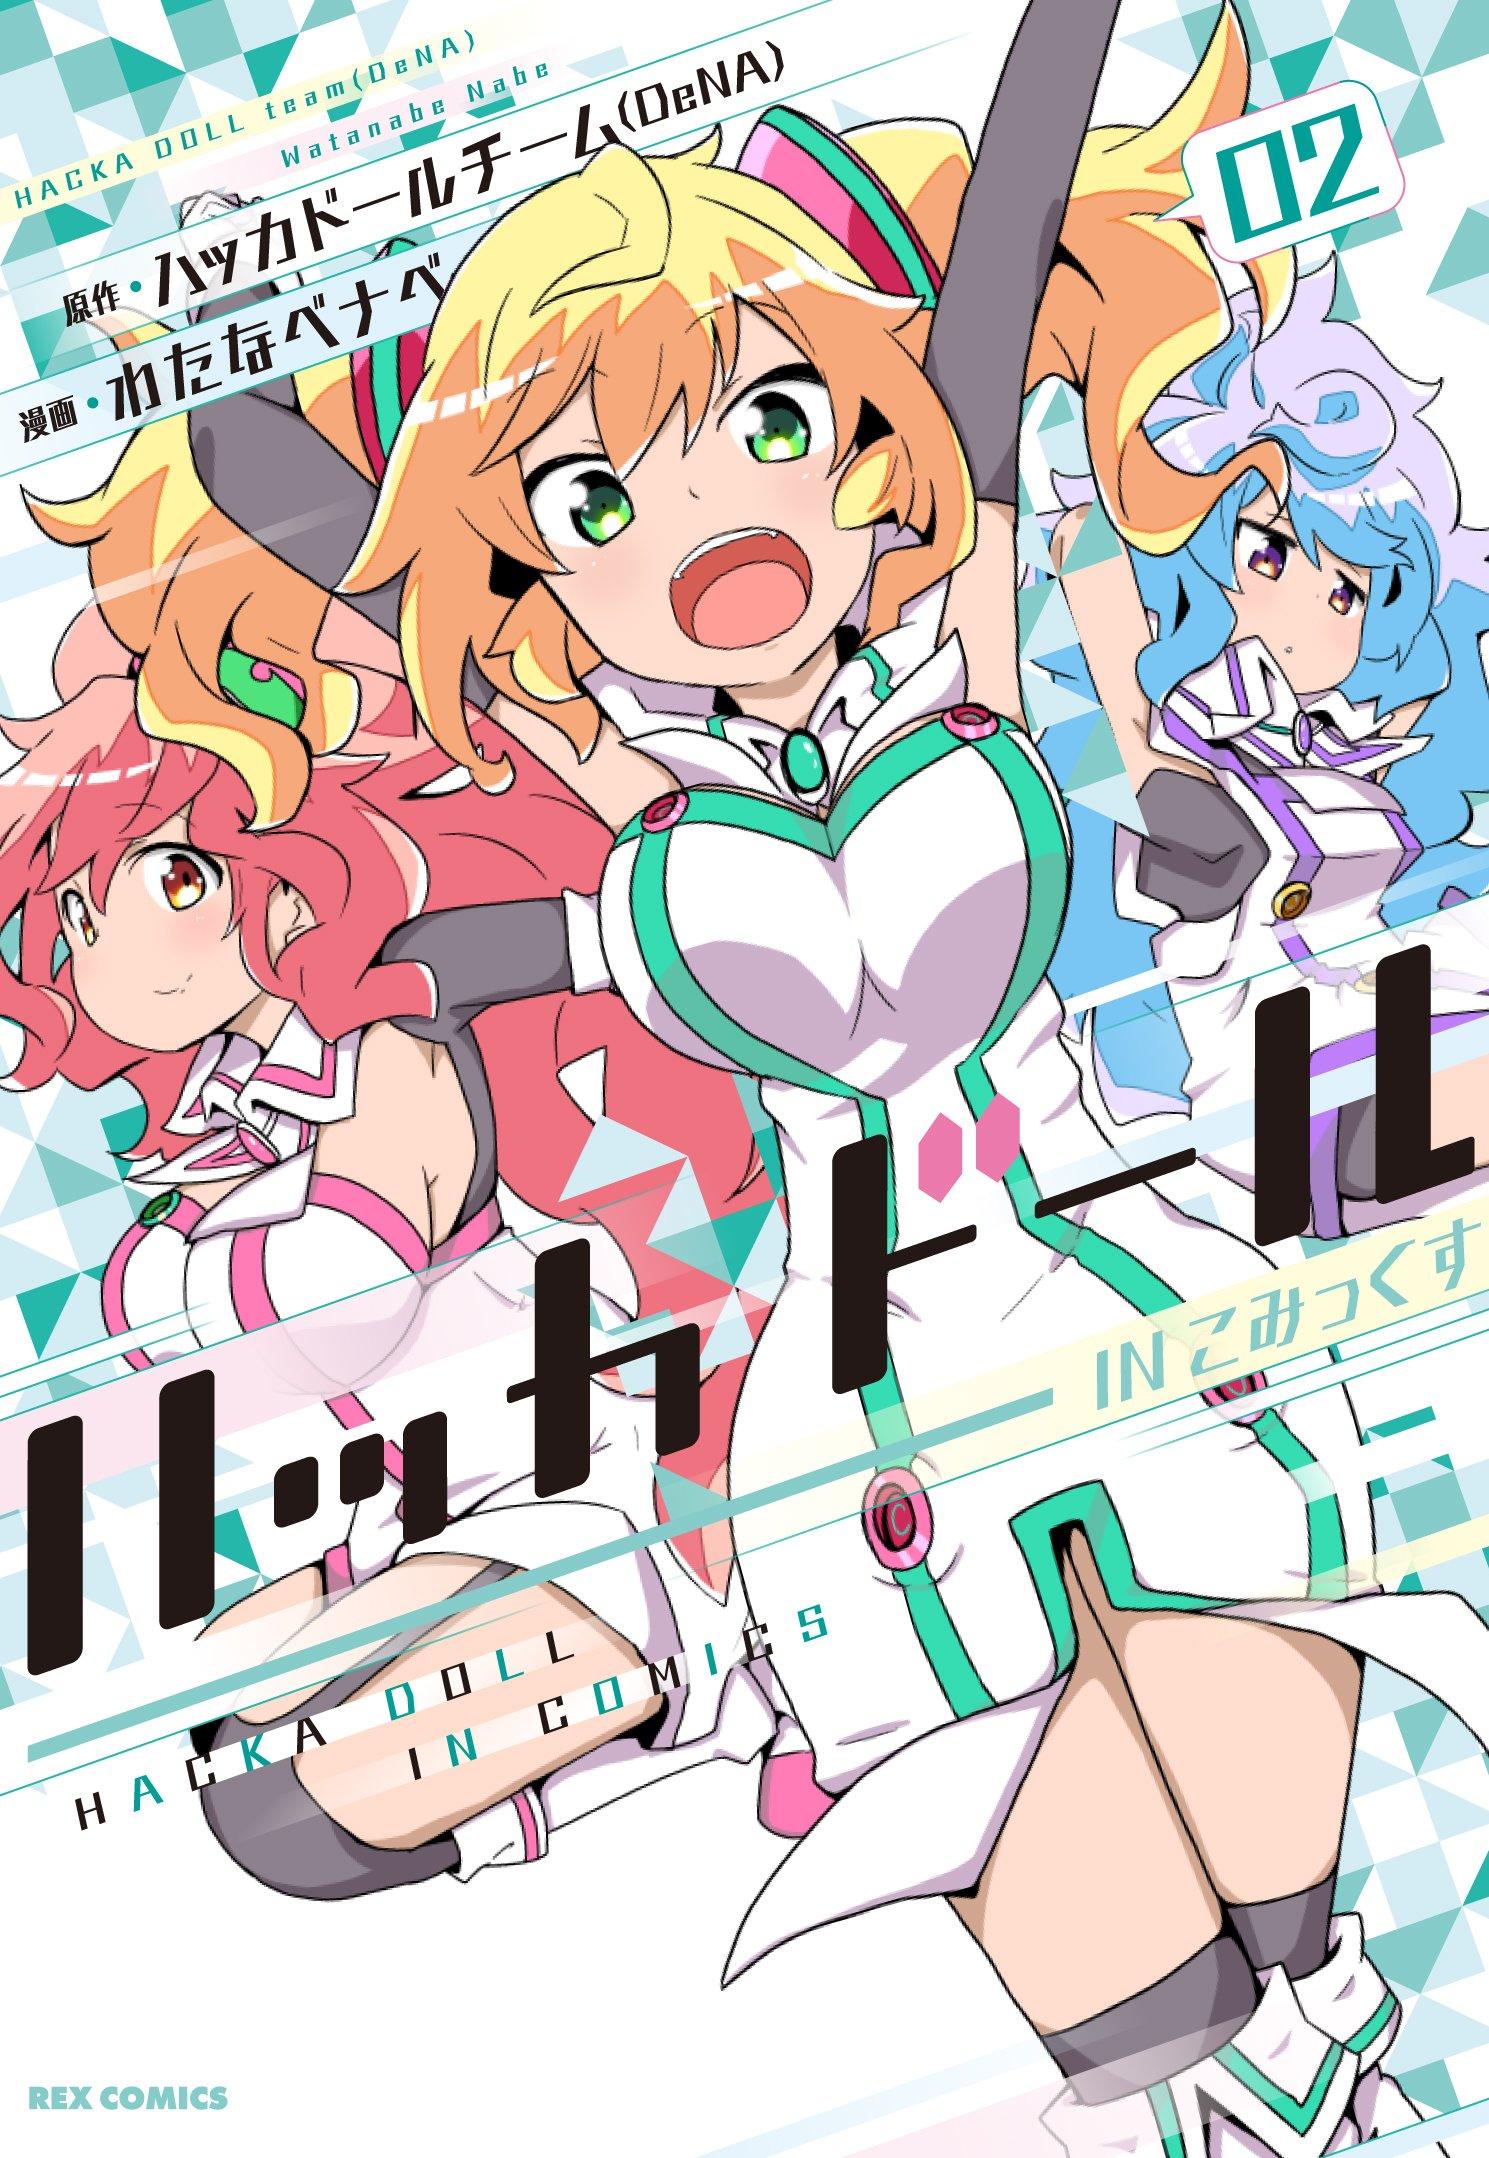 ハッカドール IN こみっくす (2) (REXコミックス) | わたなべナベ ...